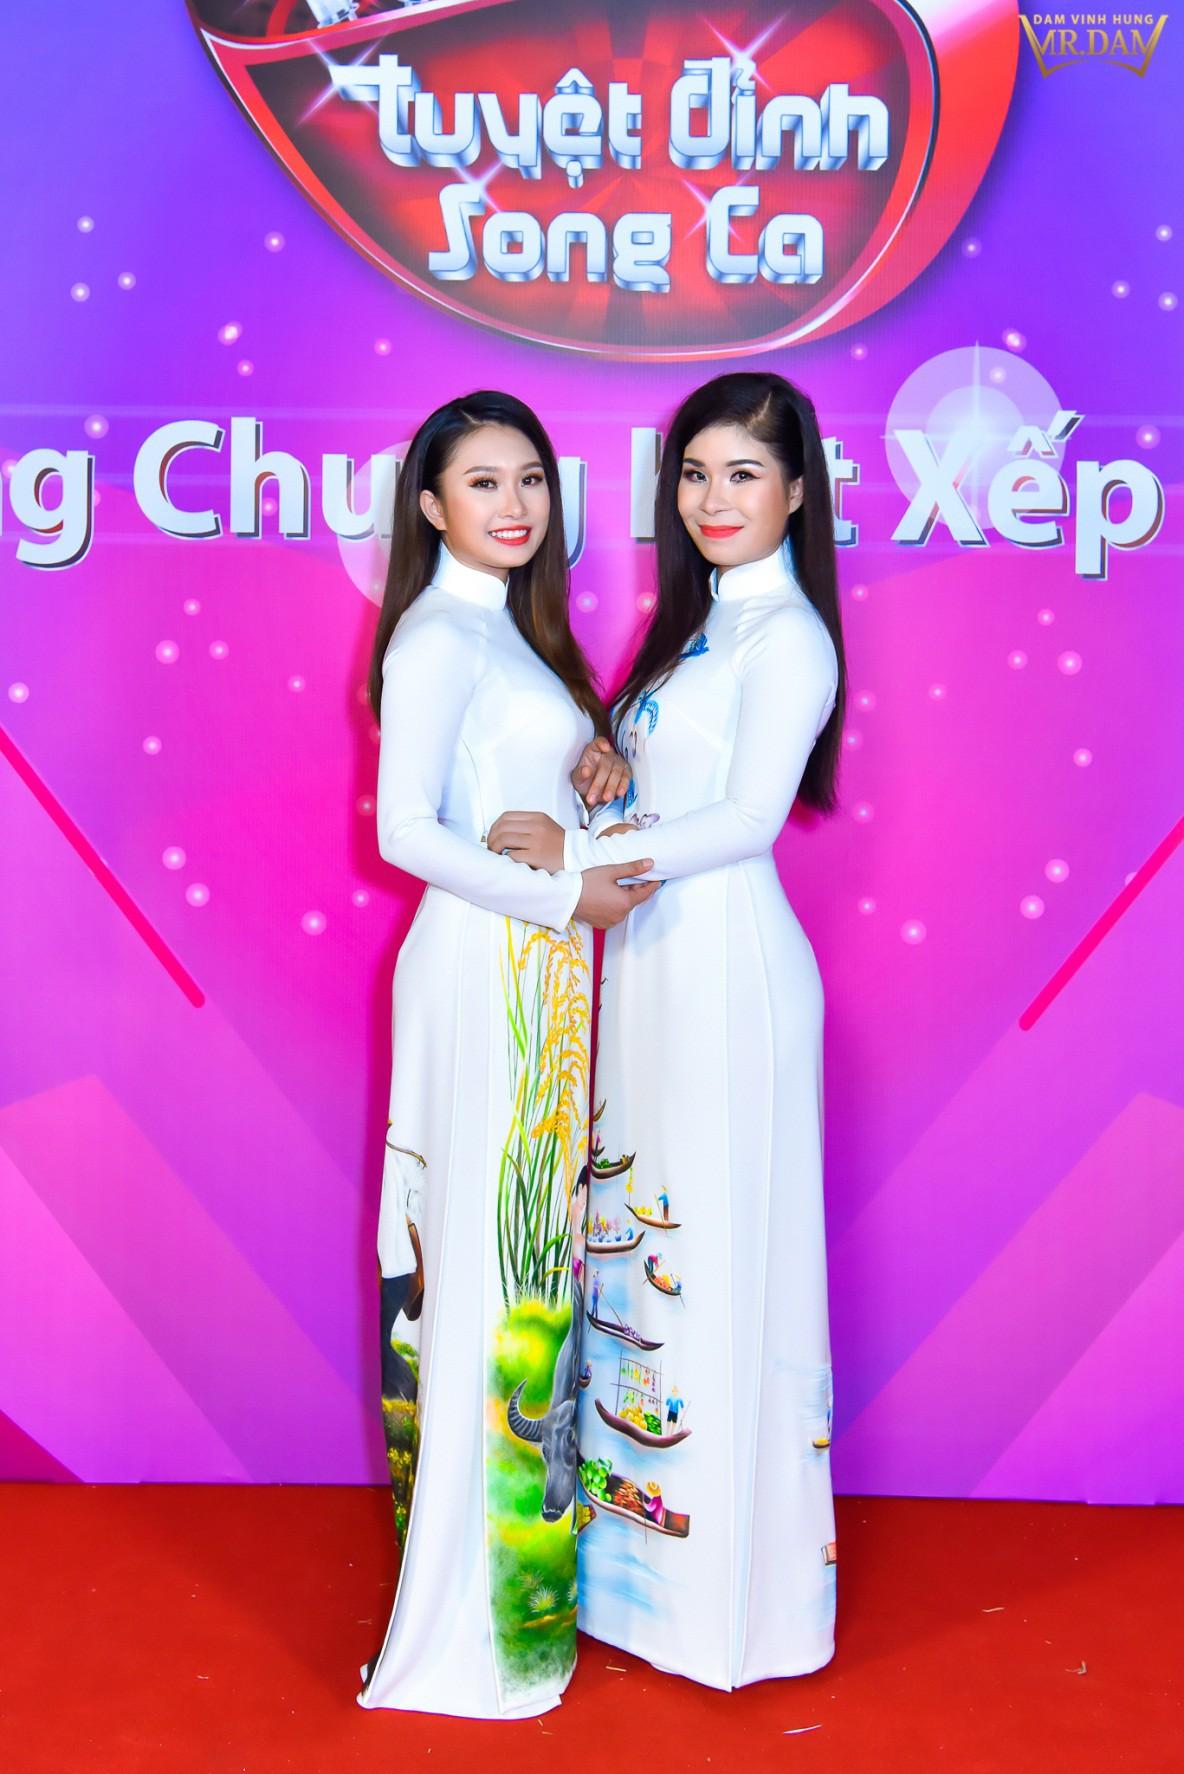 Thanh Quý Sao Mai 2019: Triển vọng dân ca Việt! - Ảnh 3.